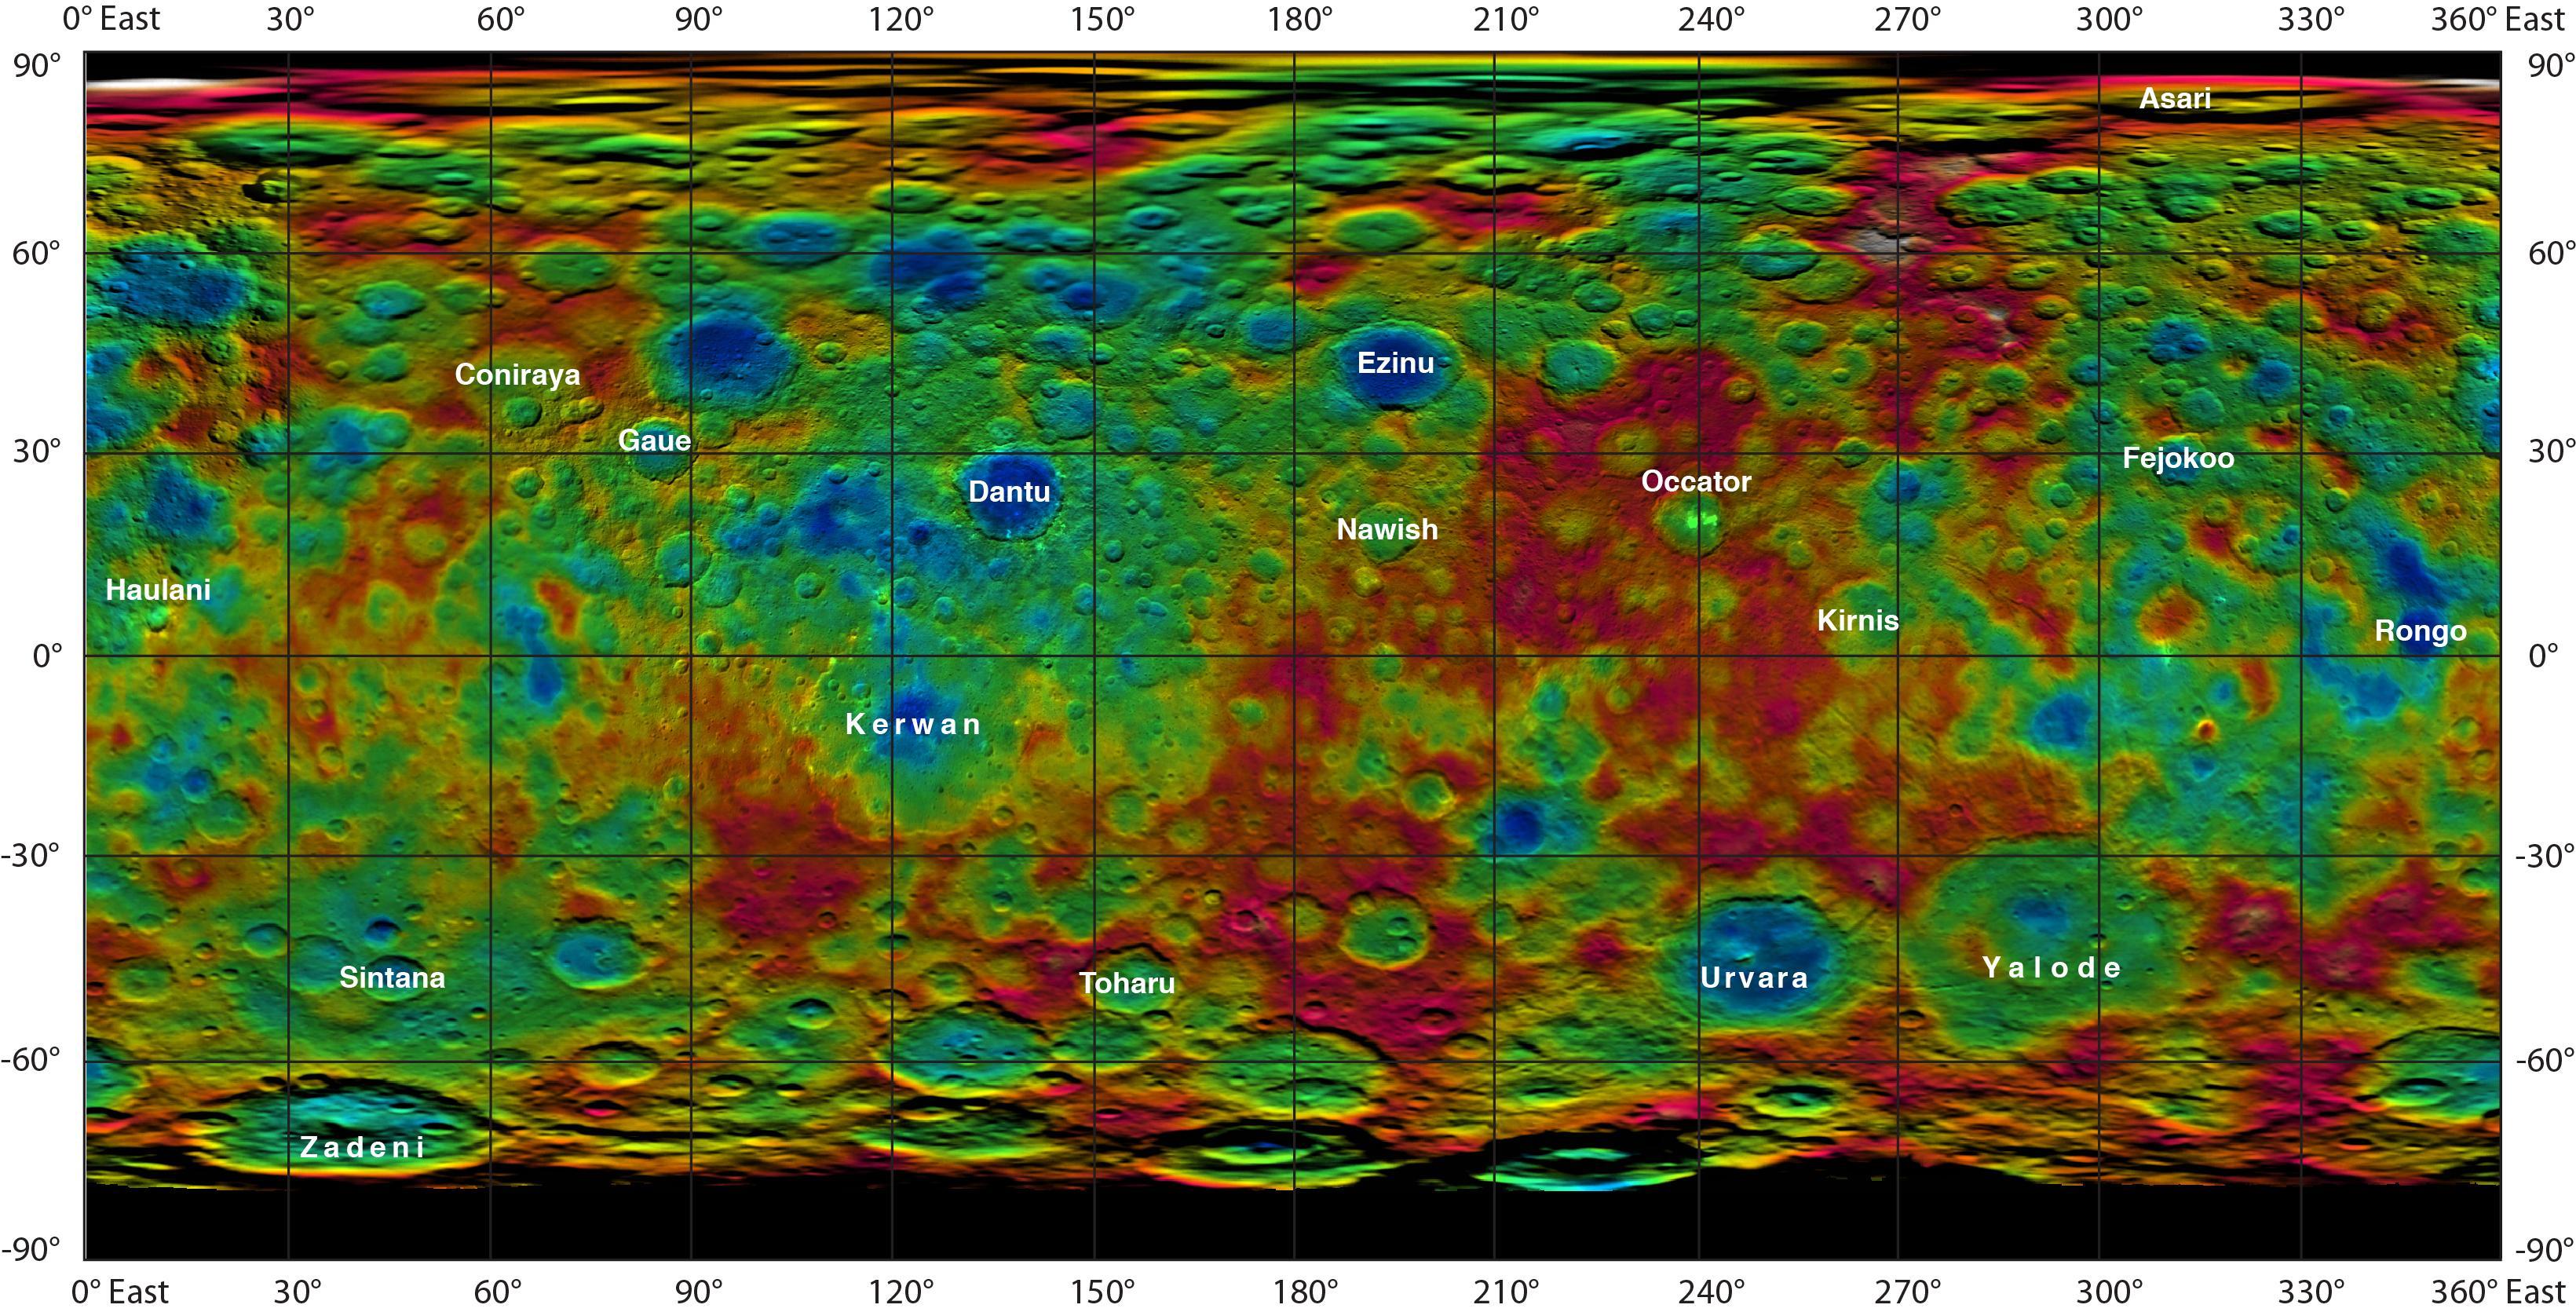 Геология Цереры: ещё один соляной океан в Солнечной системе